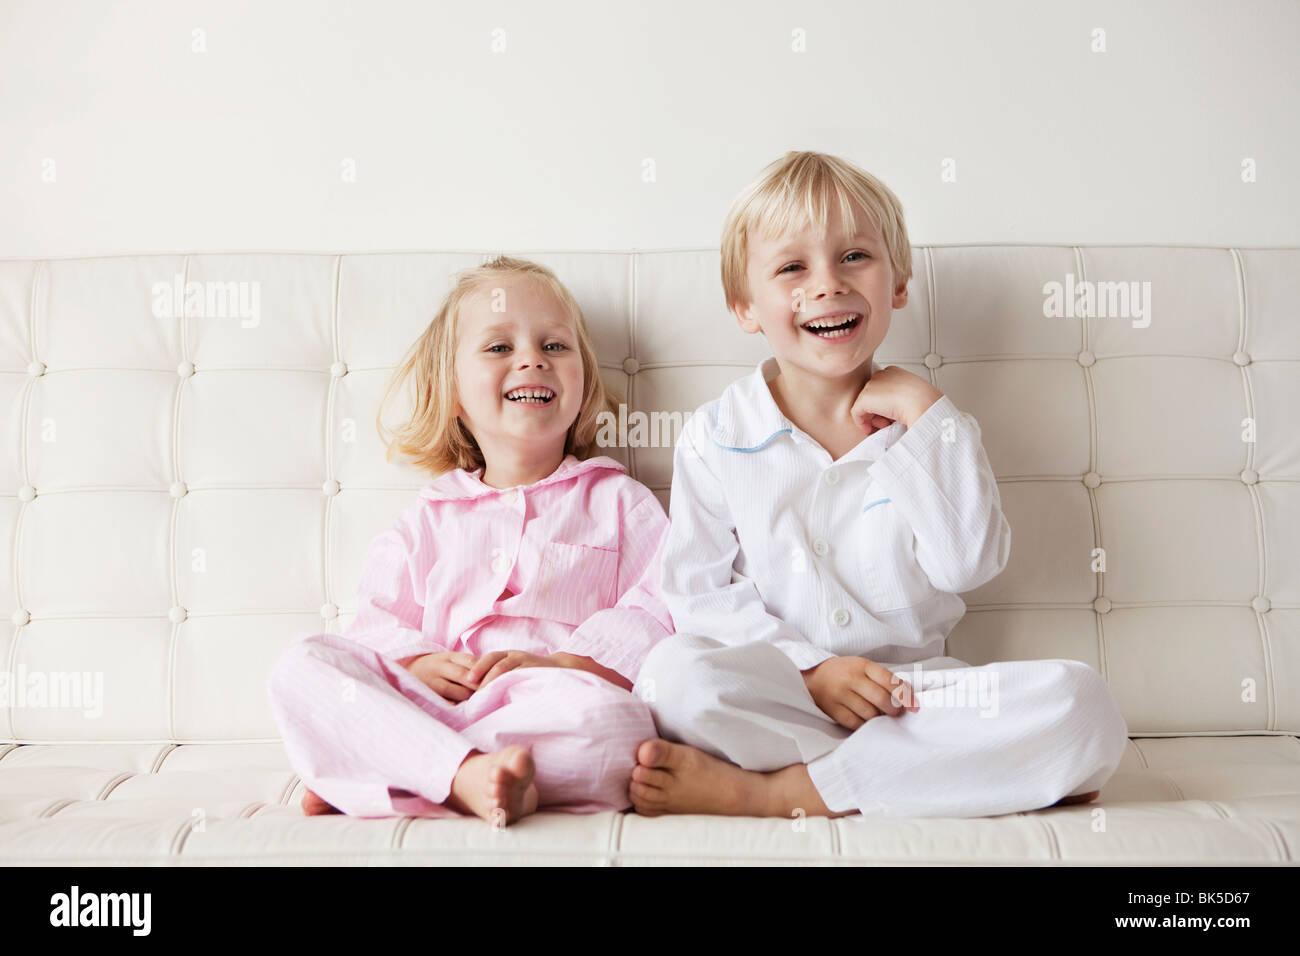 Los niños pequeños en sus pijamas sentado en el sofá Imagen De Stock